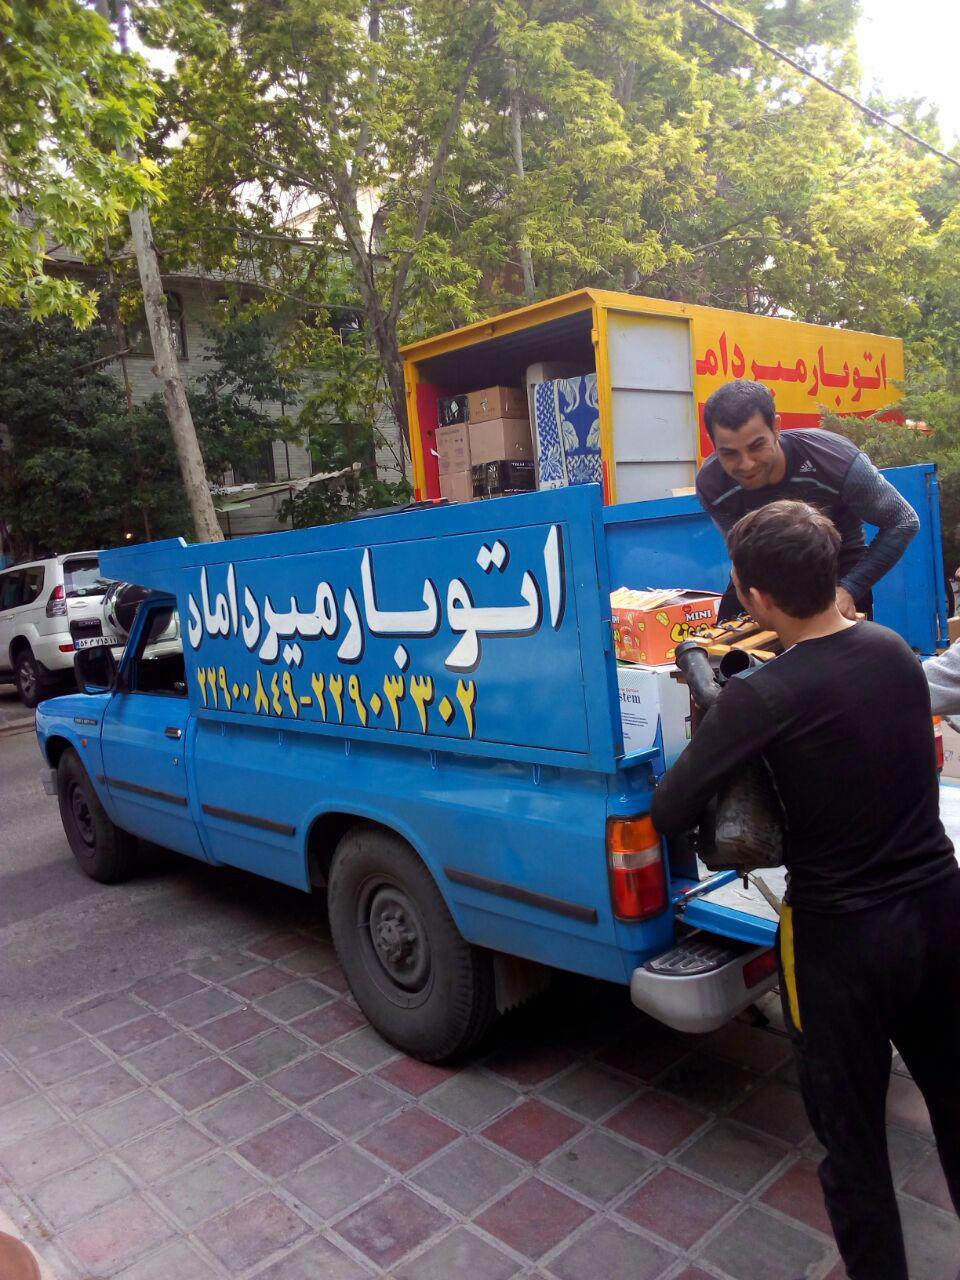 نیسان بار همه روز در تهران